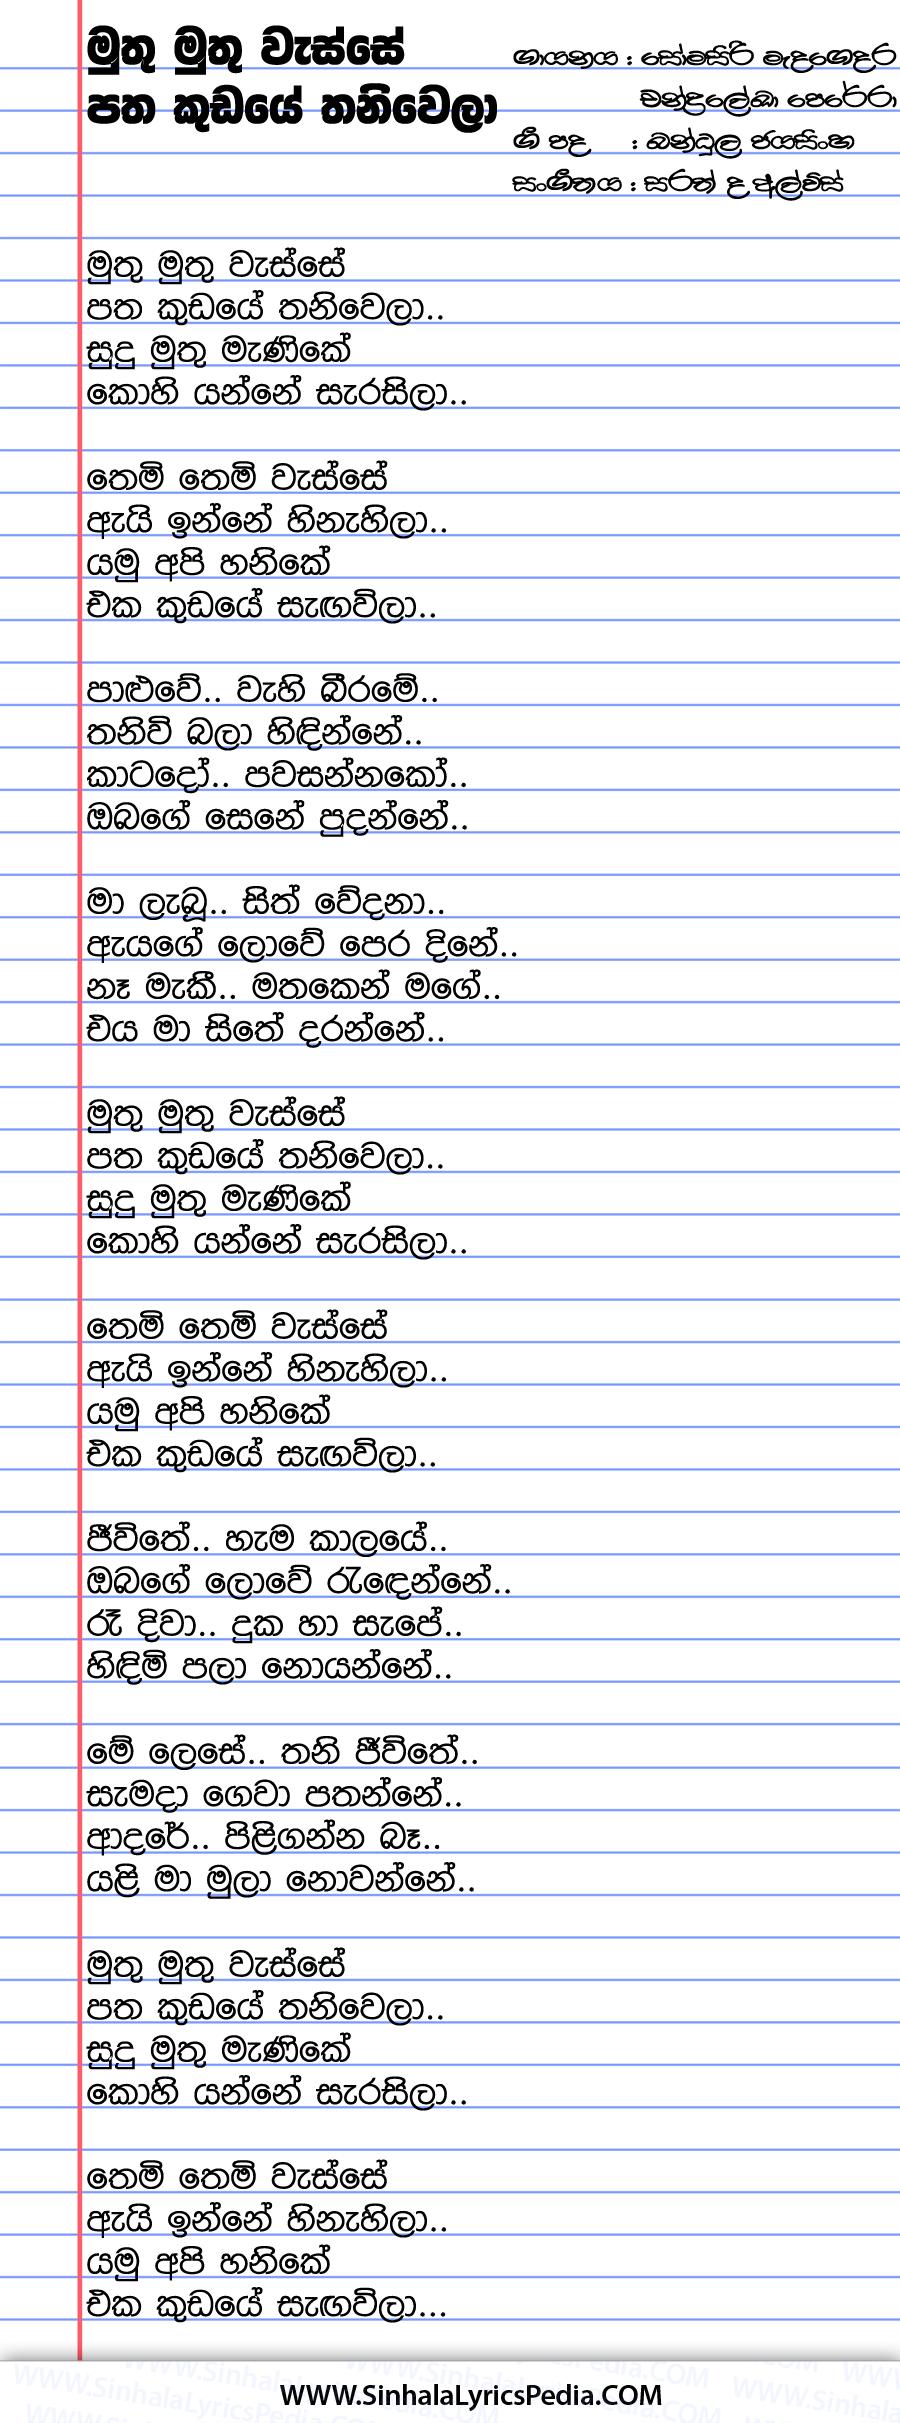 Muthu Muthu Wasse Pata Kudaye Thani Wela Song Lyrics